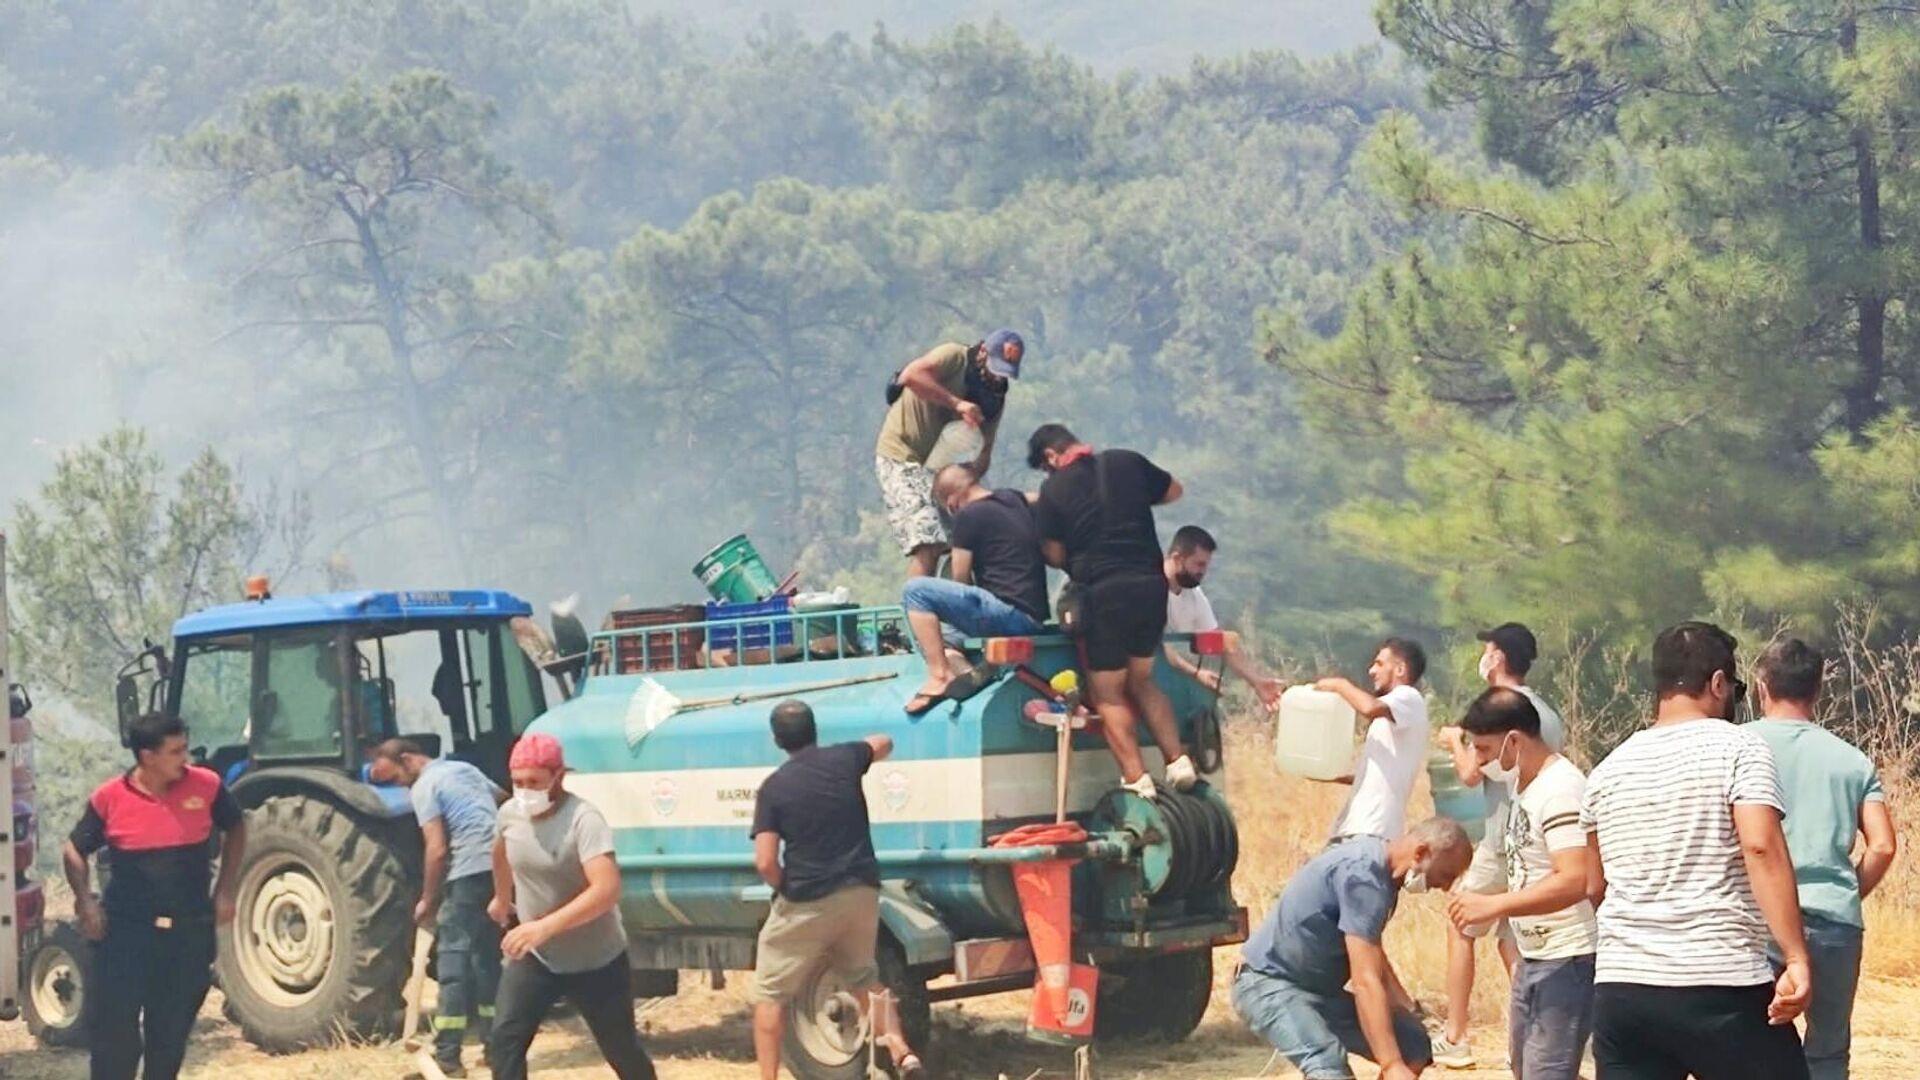 Борьба с пожарами в окрестностях турецкого города Мармарис - РИА Новости, 1920, 02.08.2021